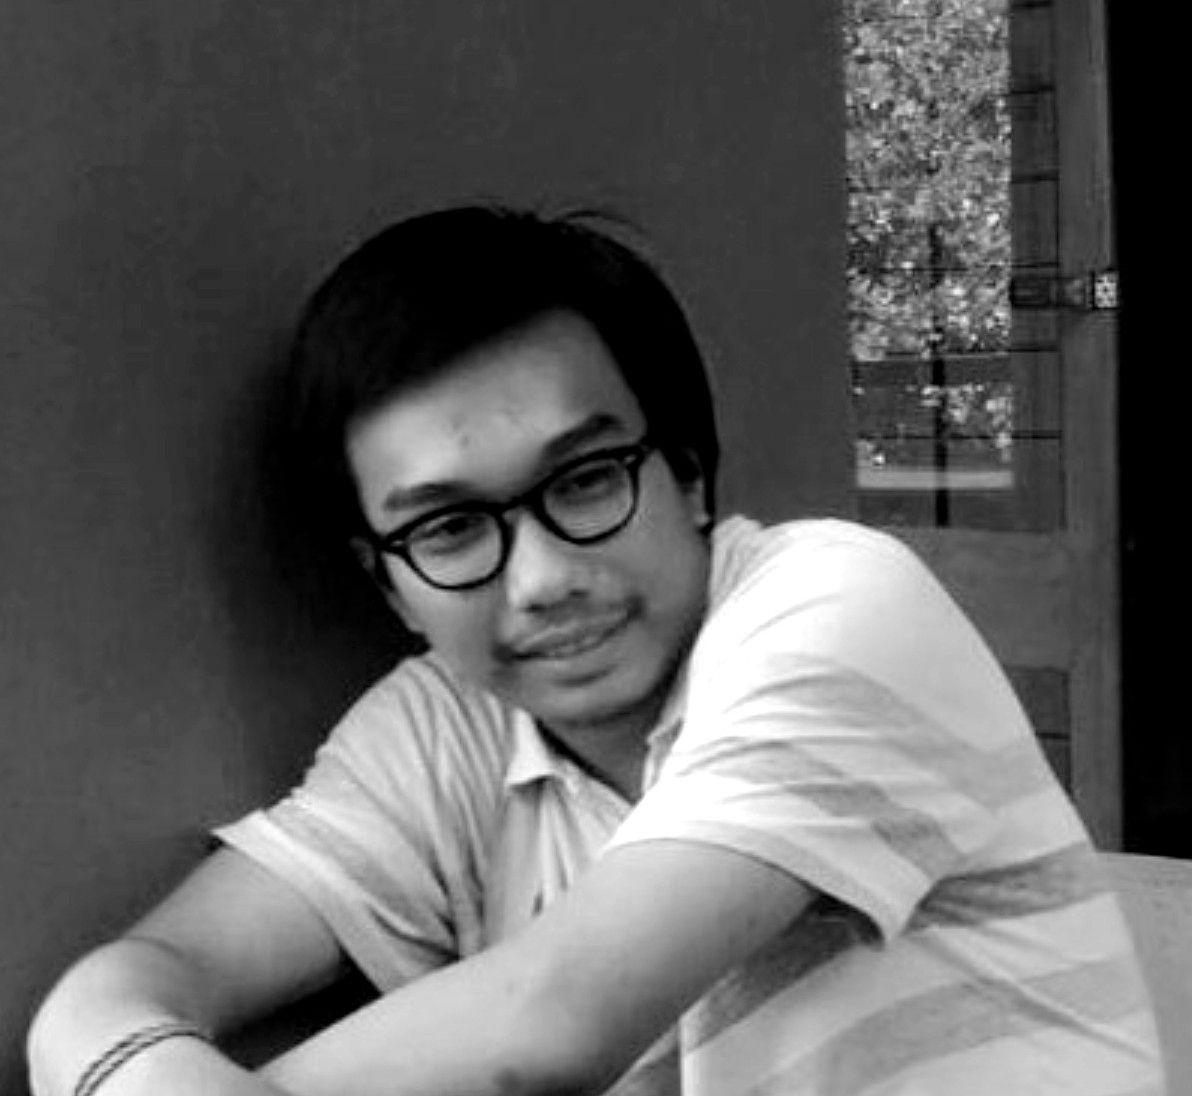 Sabil Ismail